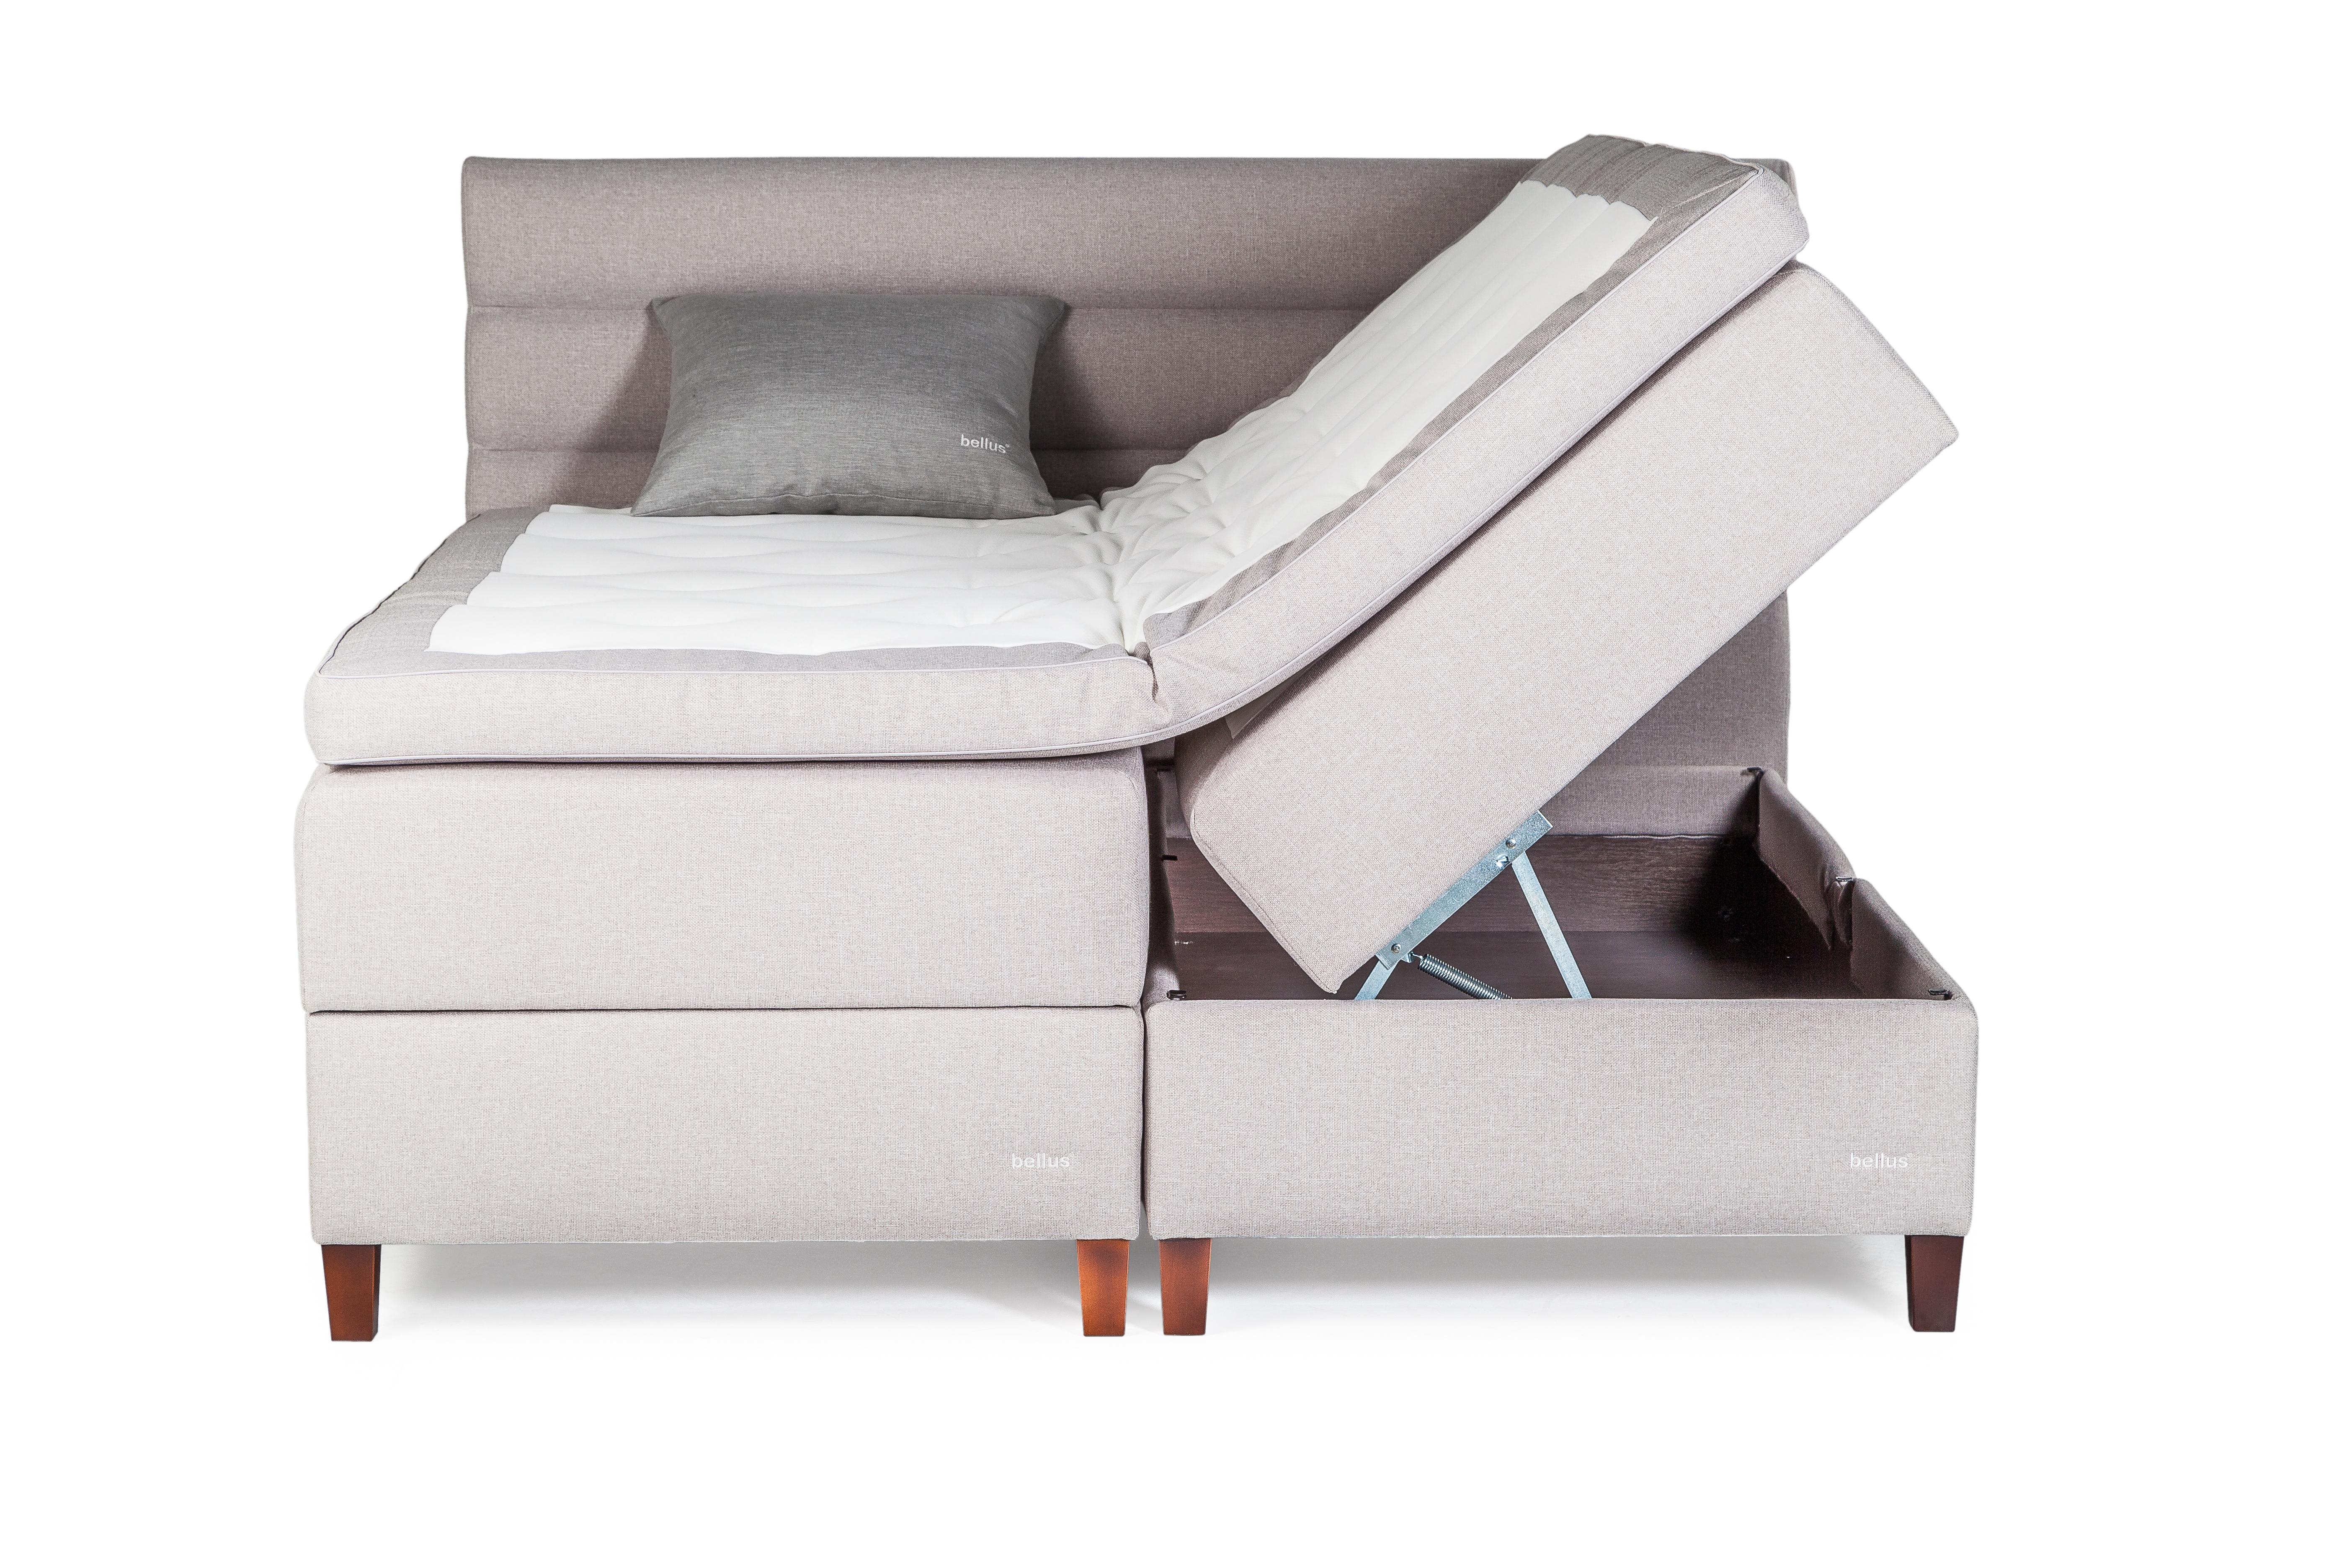 Bellus Compact Bliss Polsterbett mit Bettkasten und Stauraum